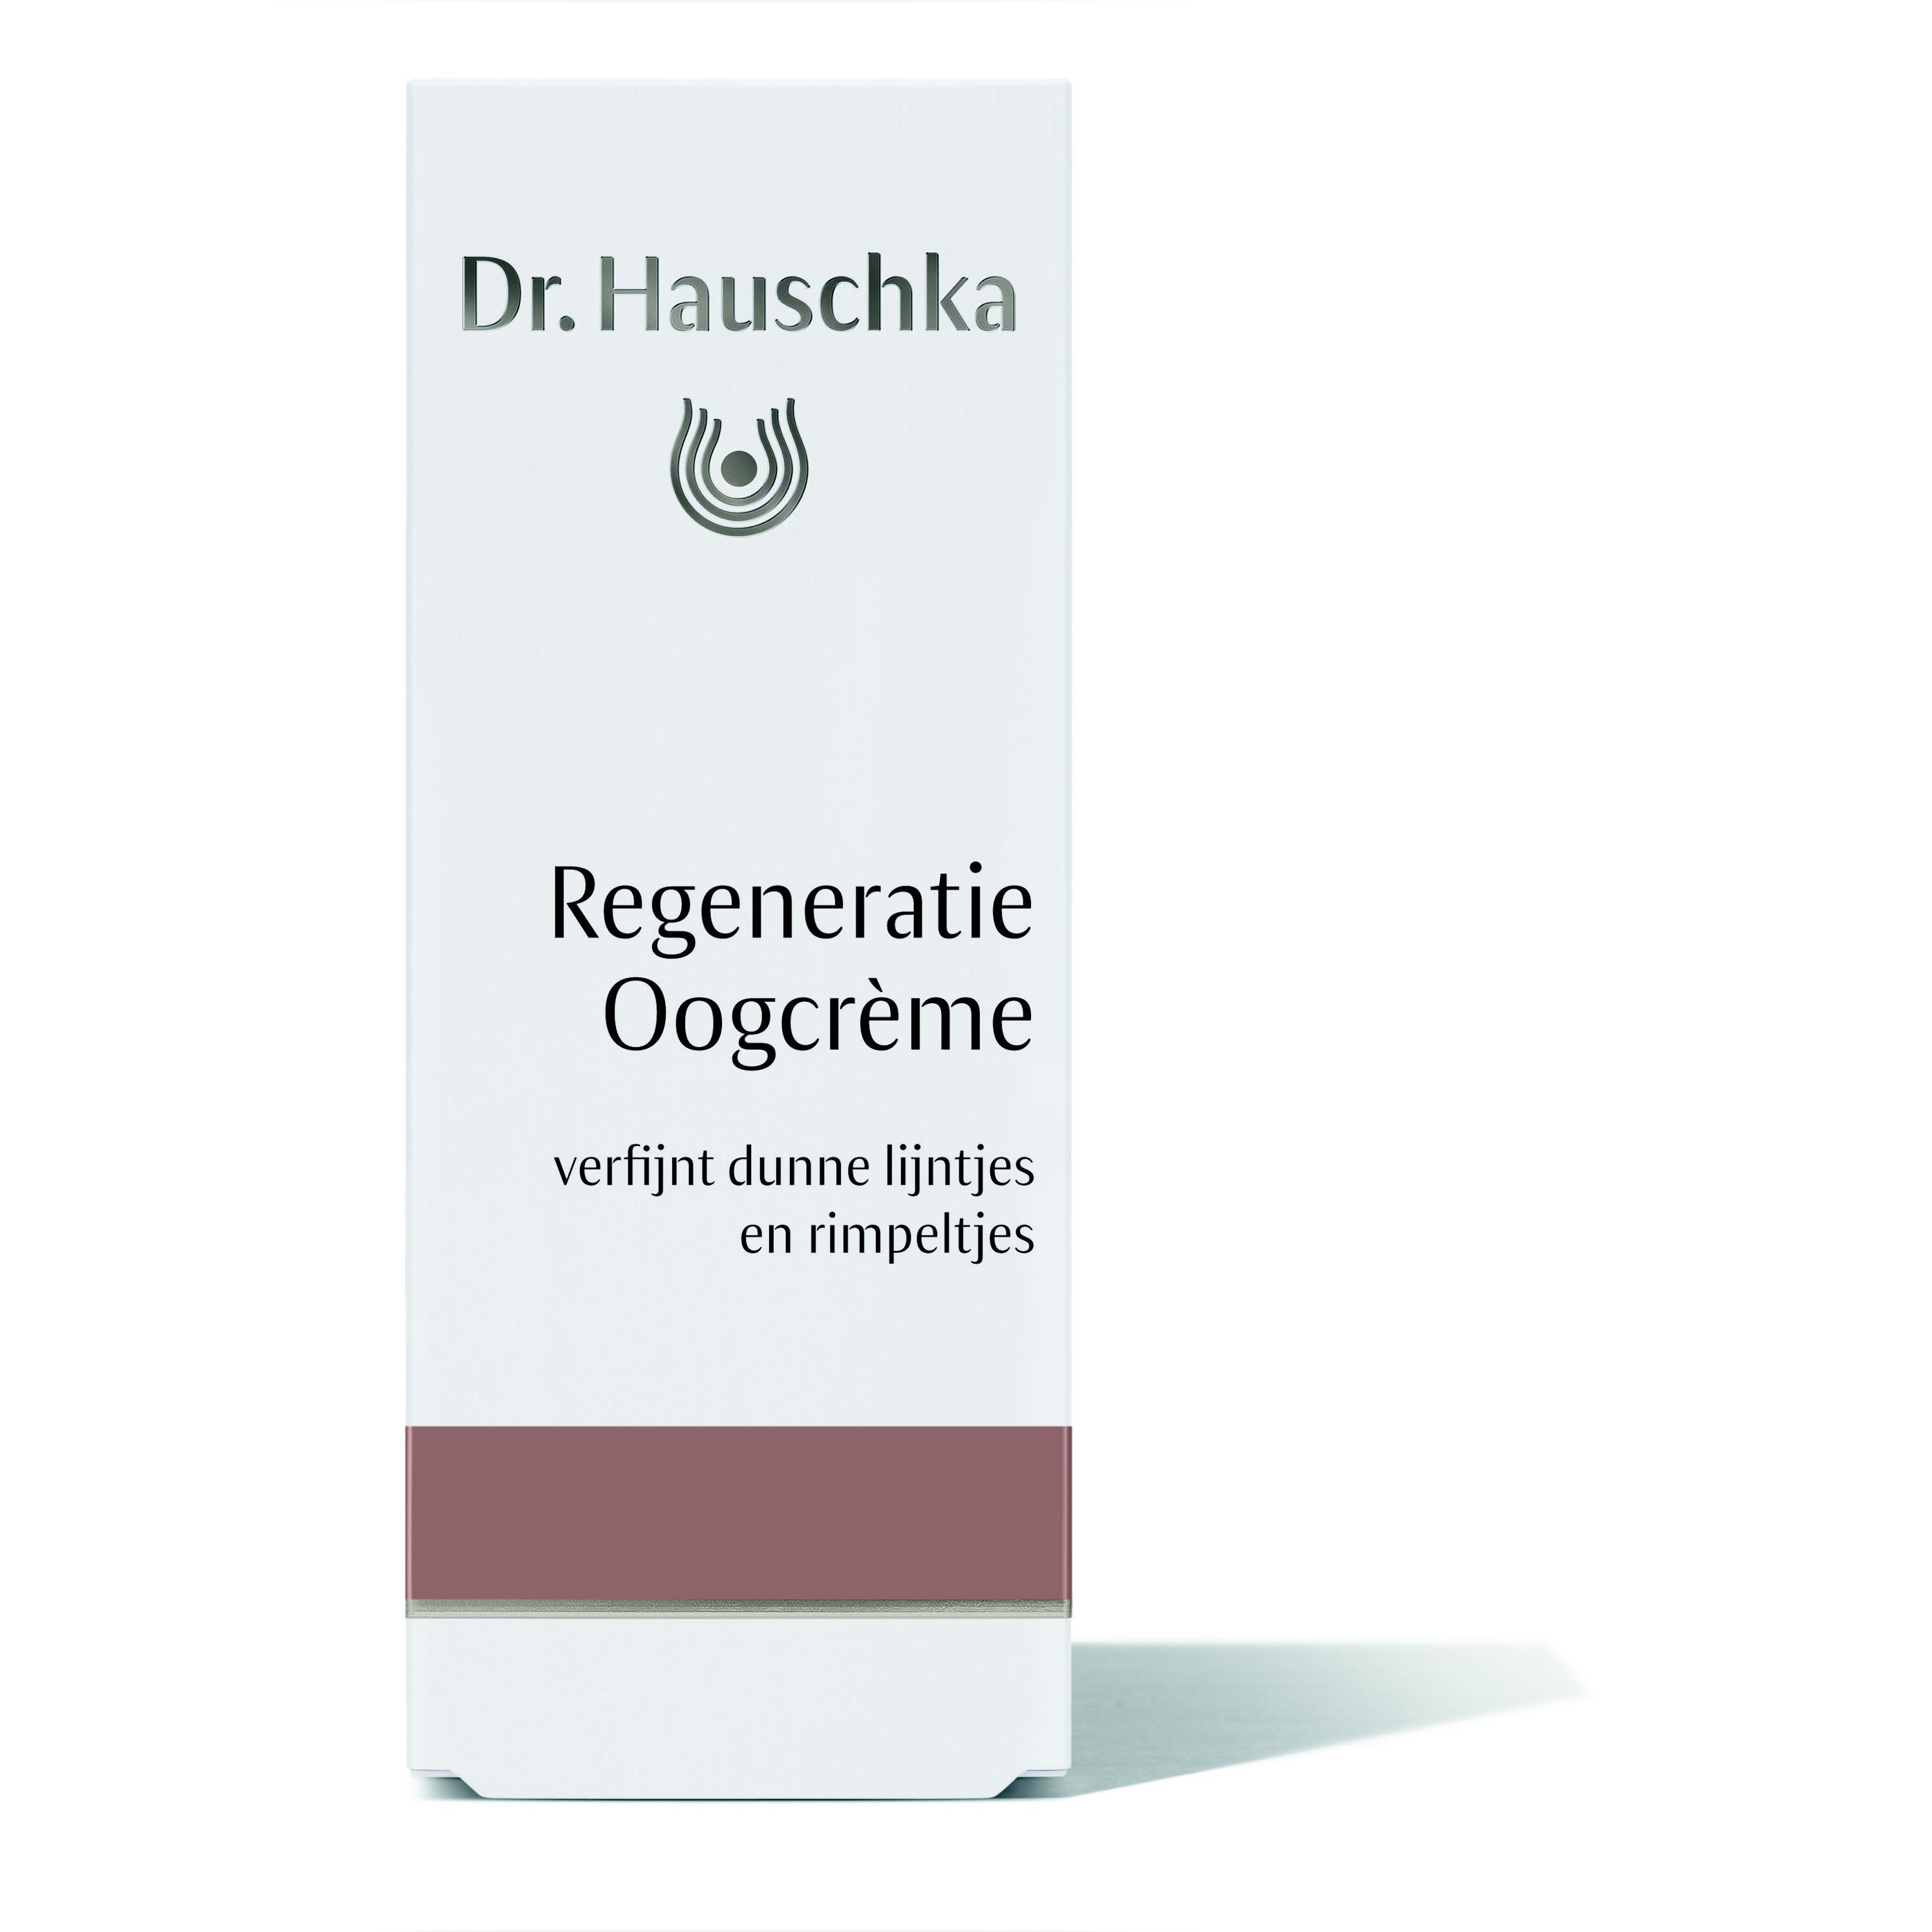 Dr Hauschka Regeneratie Oogcreme 15 ml